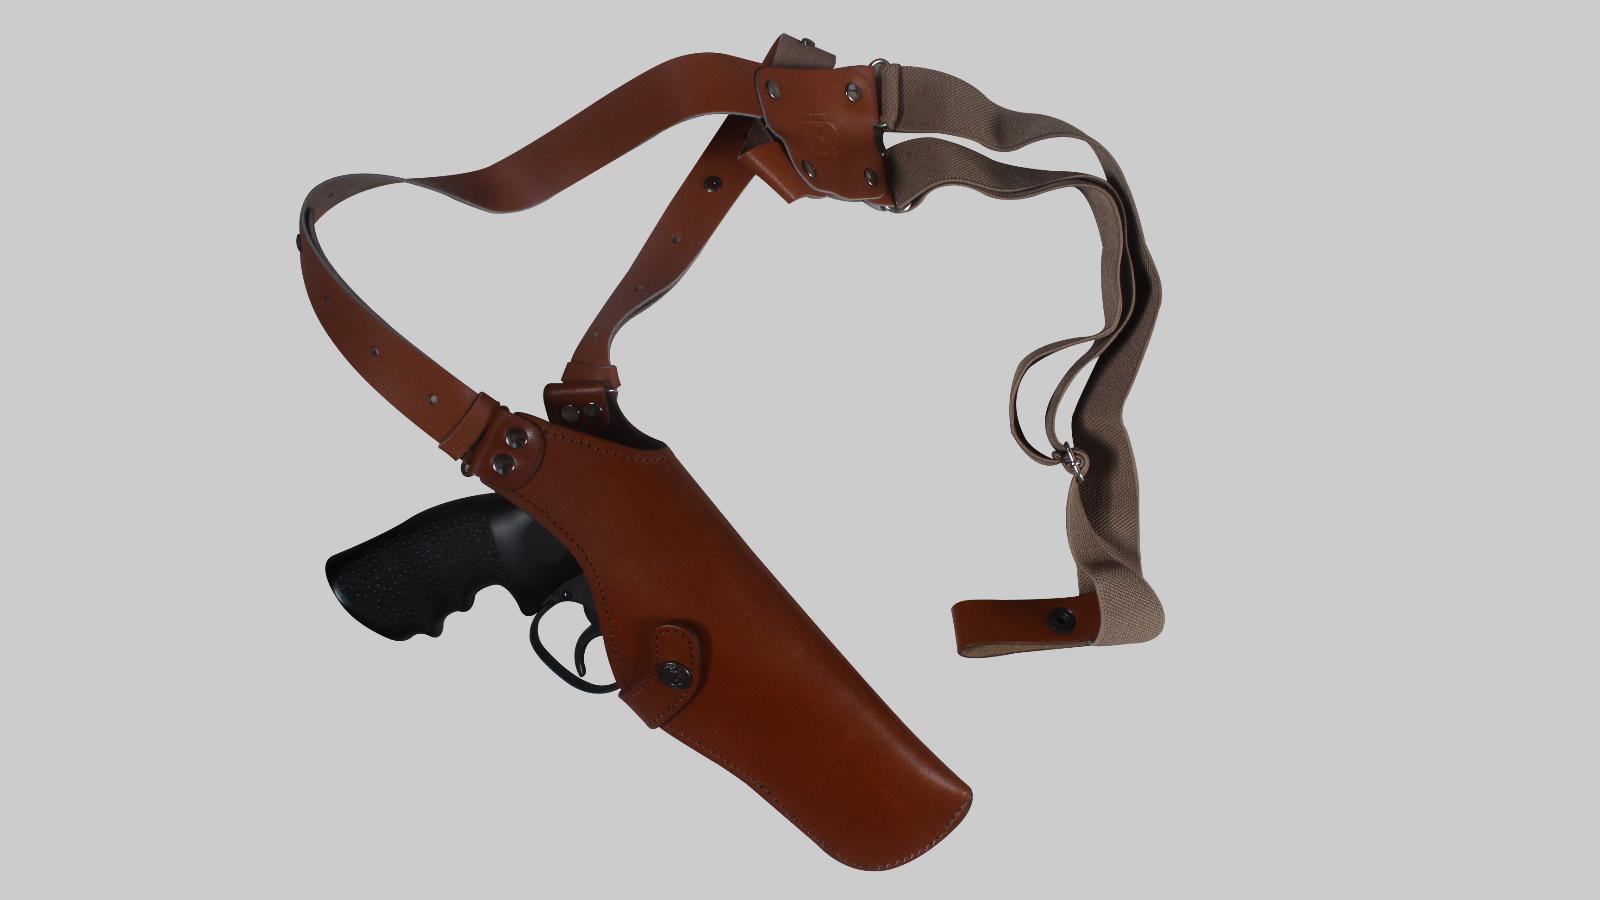 K452-SW Leder Vertical Shoulder Holster with Suede Lining Smith&Wesson 686 5